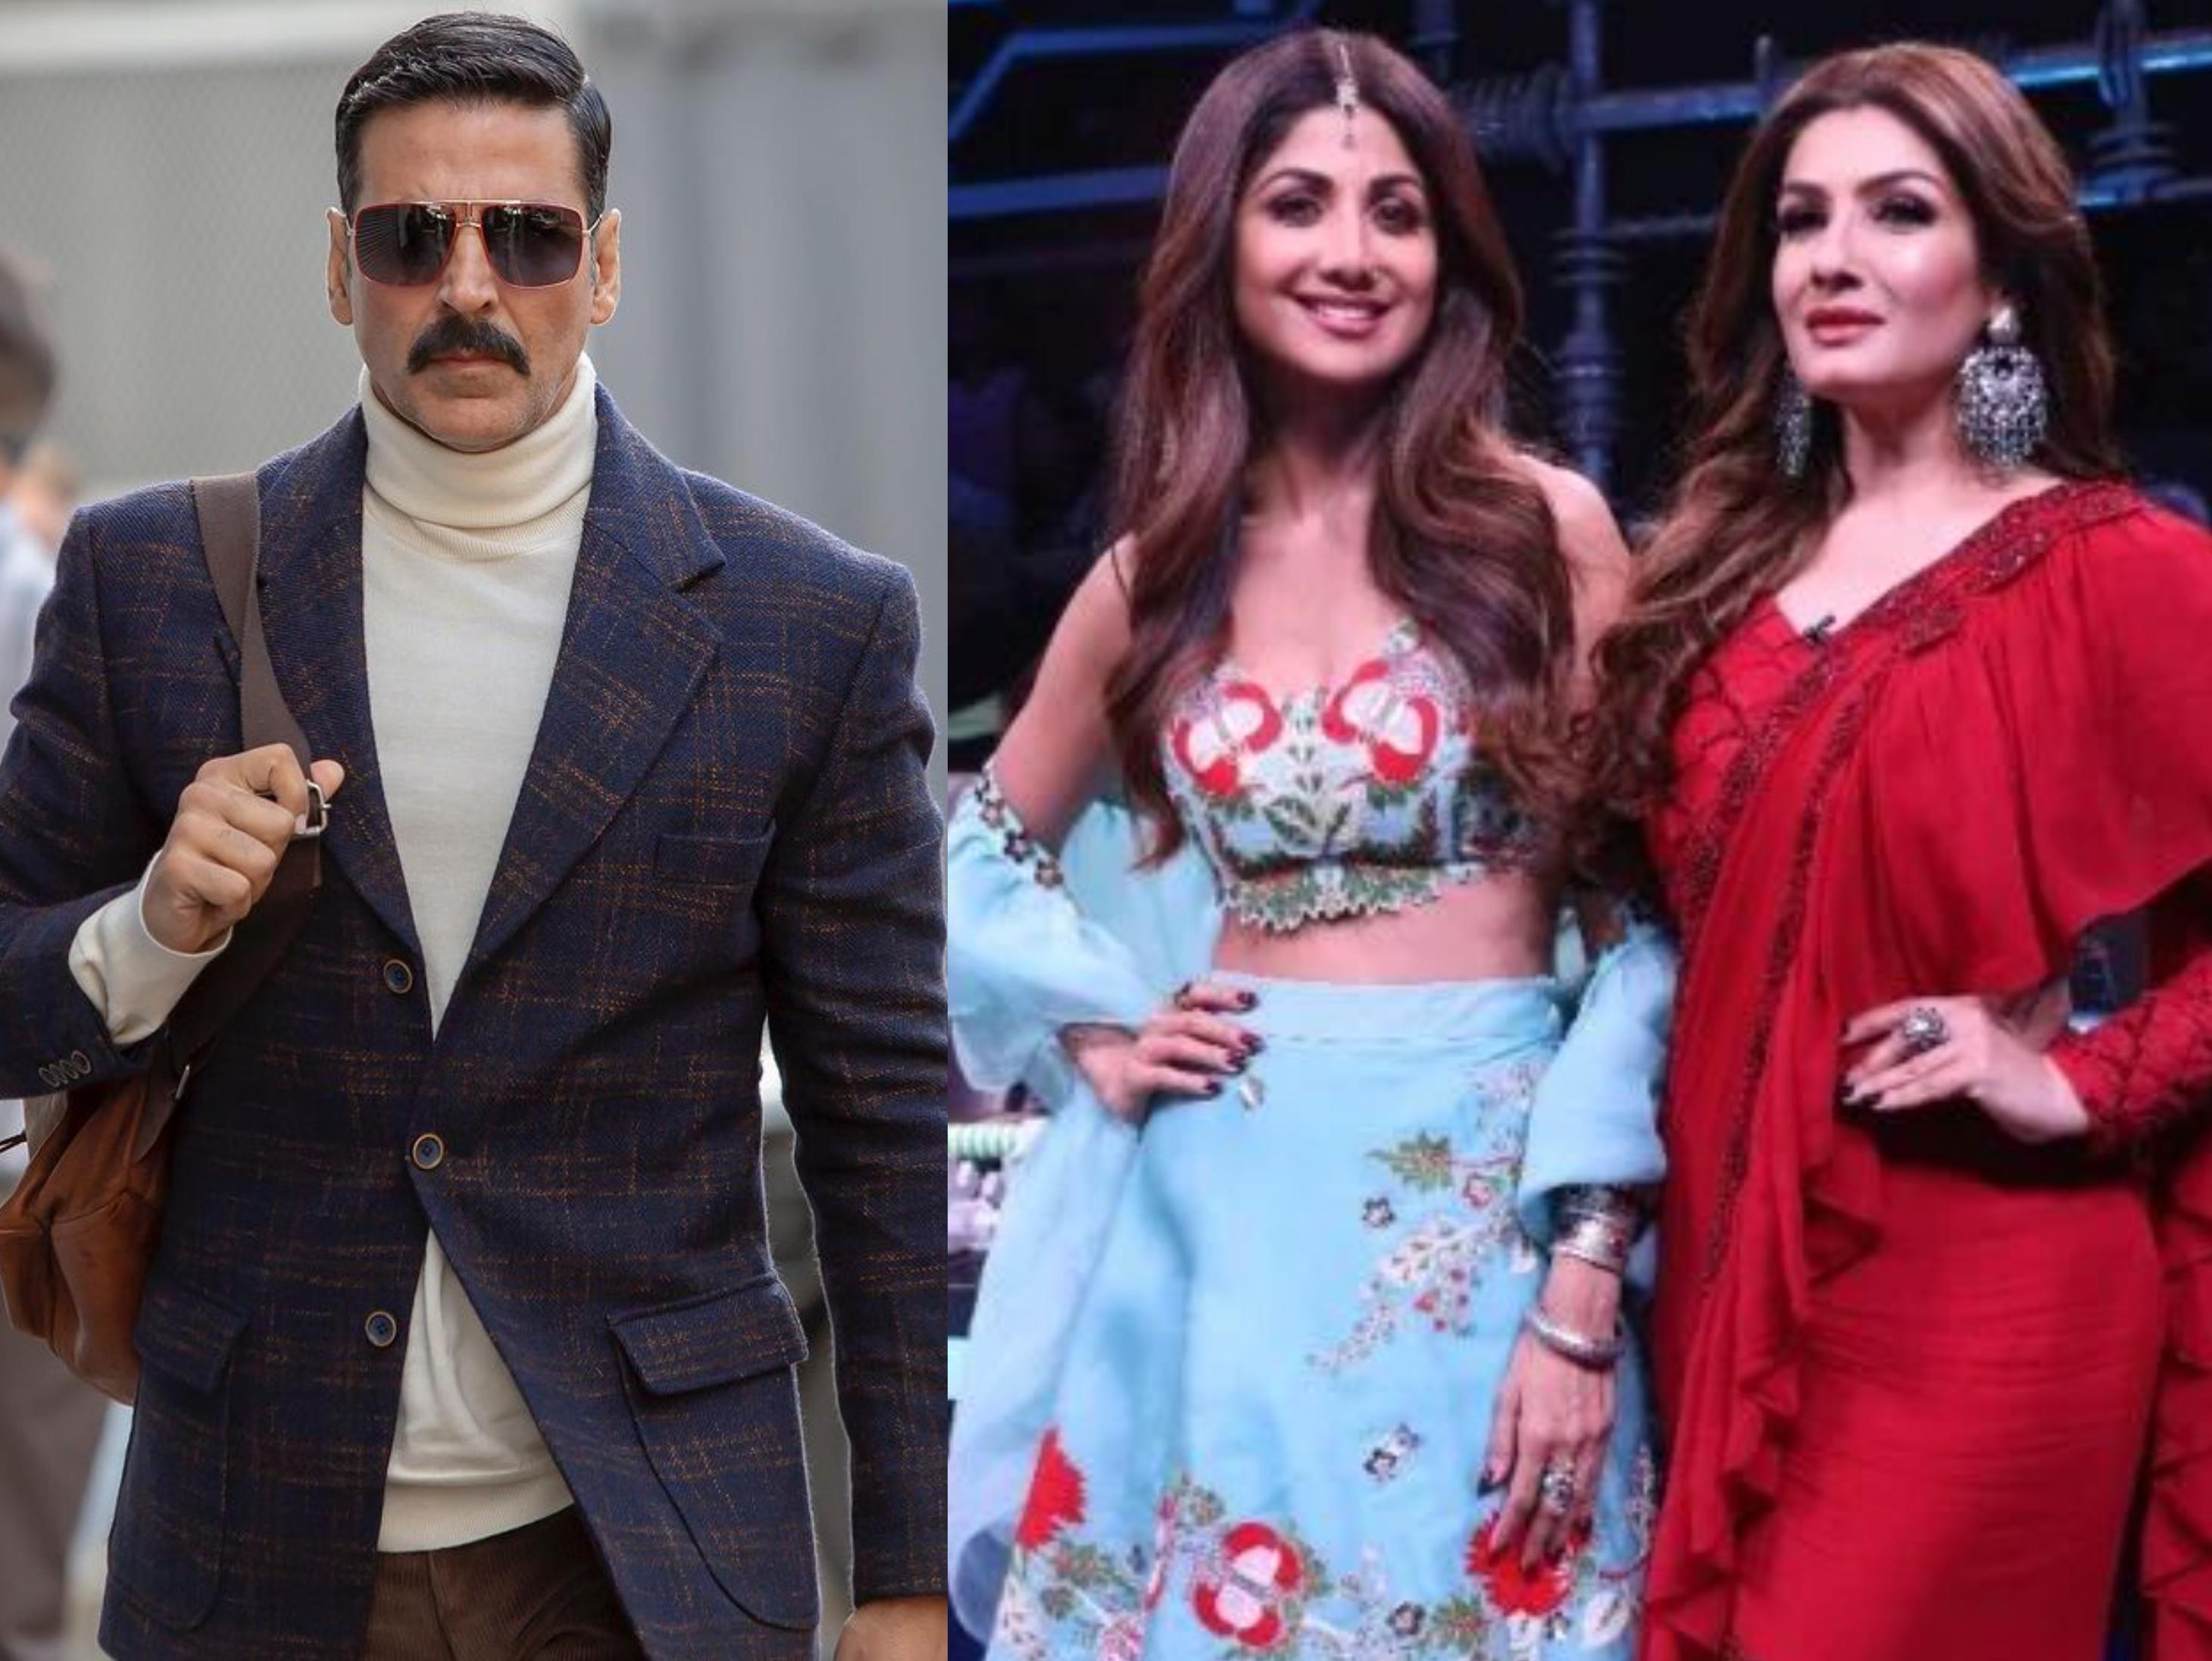 अक्षय कुमार ने अनाउंस की बेल बॉटम की रिलीज डेट, सुपर डांसर 4 में शिल्पा शेट्टी की जगह नही लेंगी रवीना टंडन|बॉलीवुड,Bollywood - Dainik Bhaskar